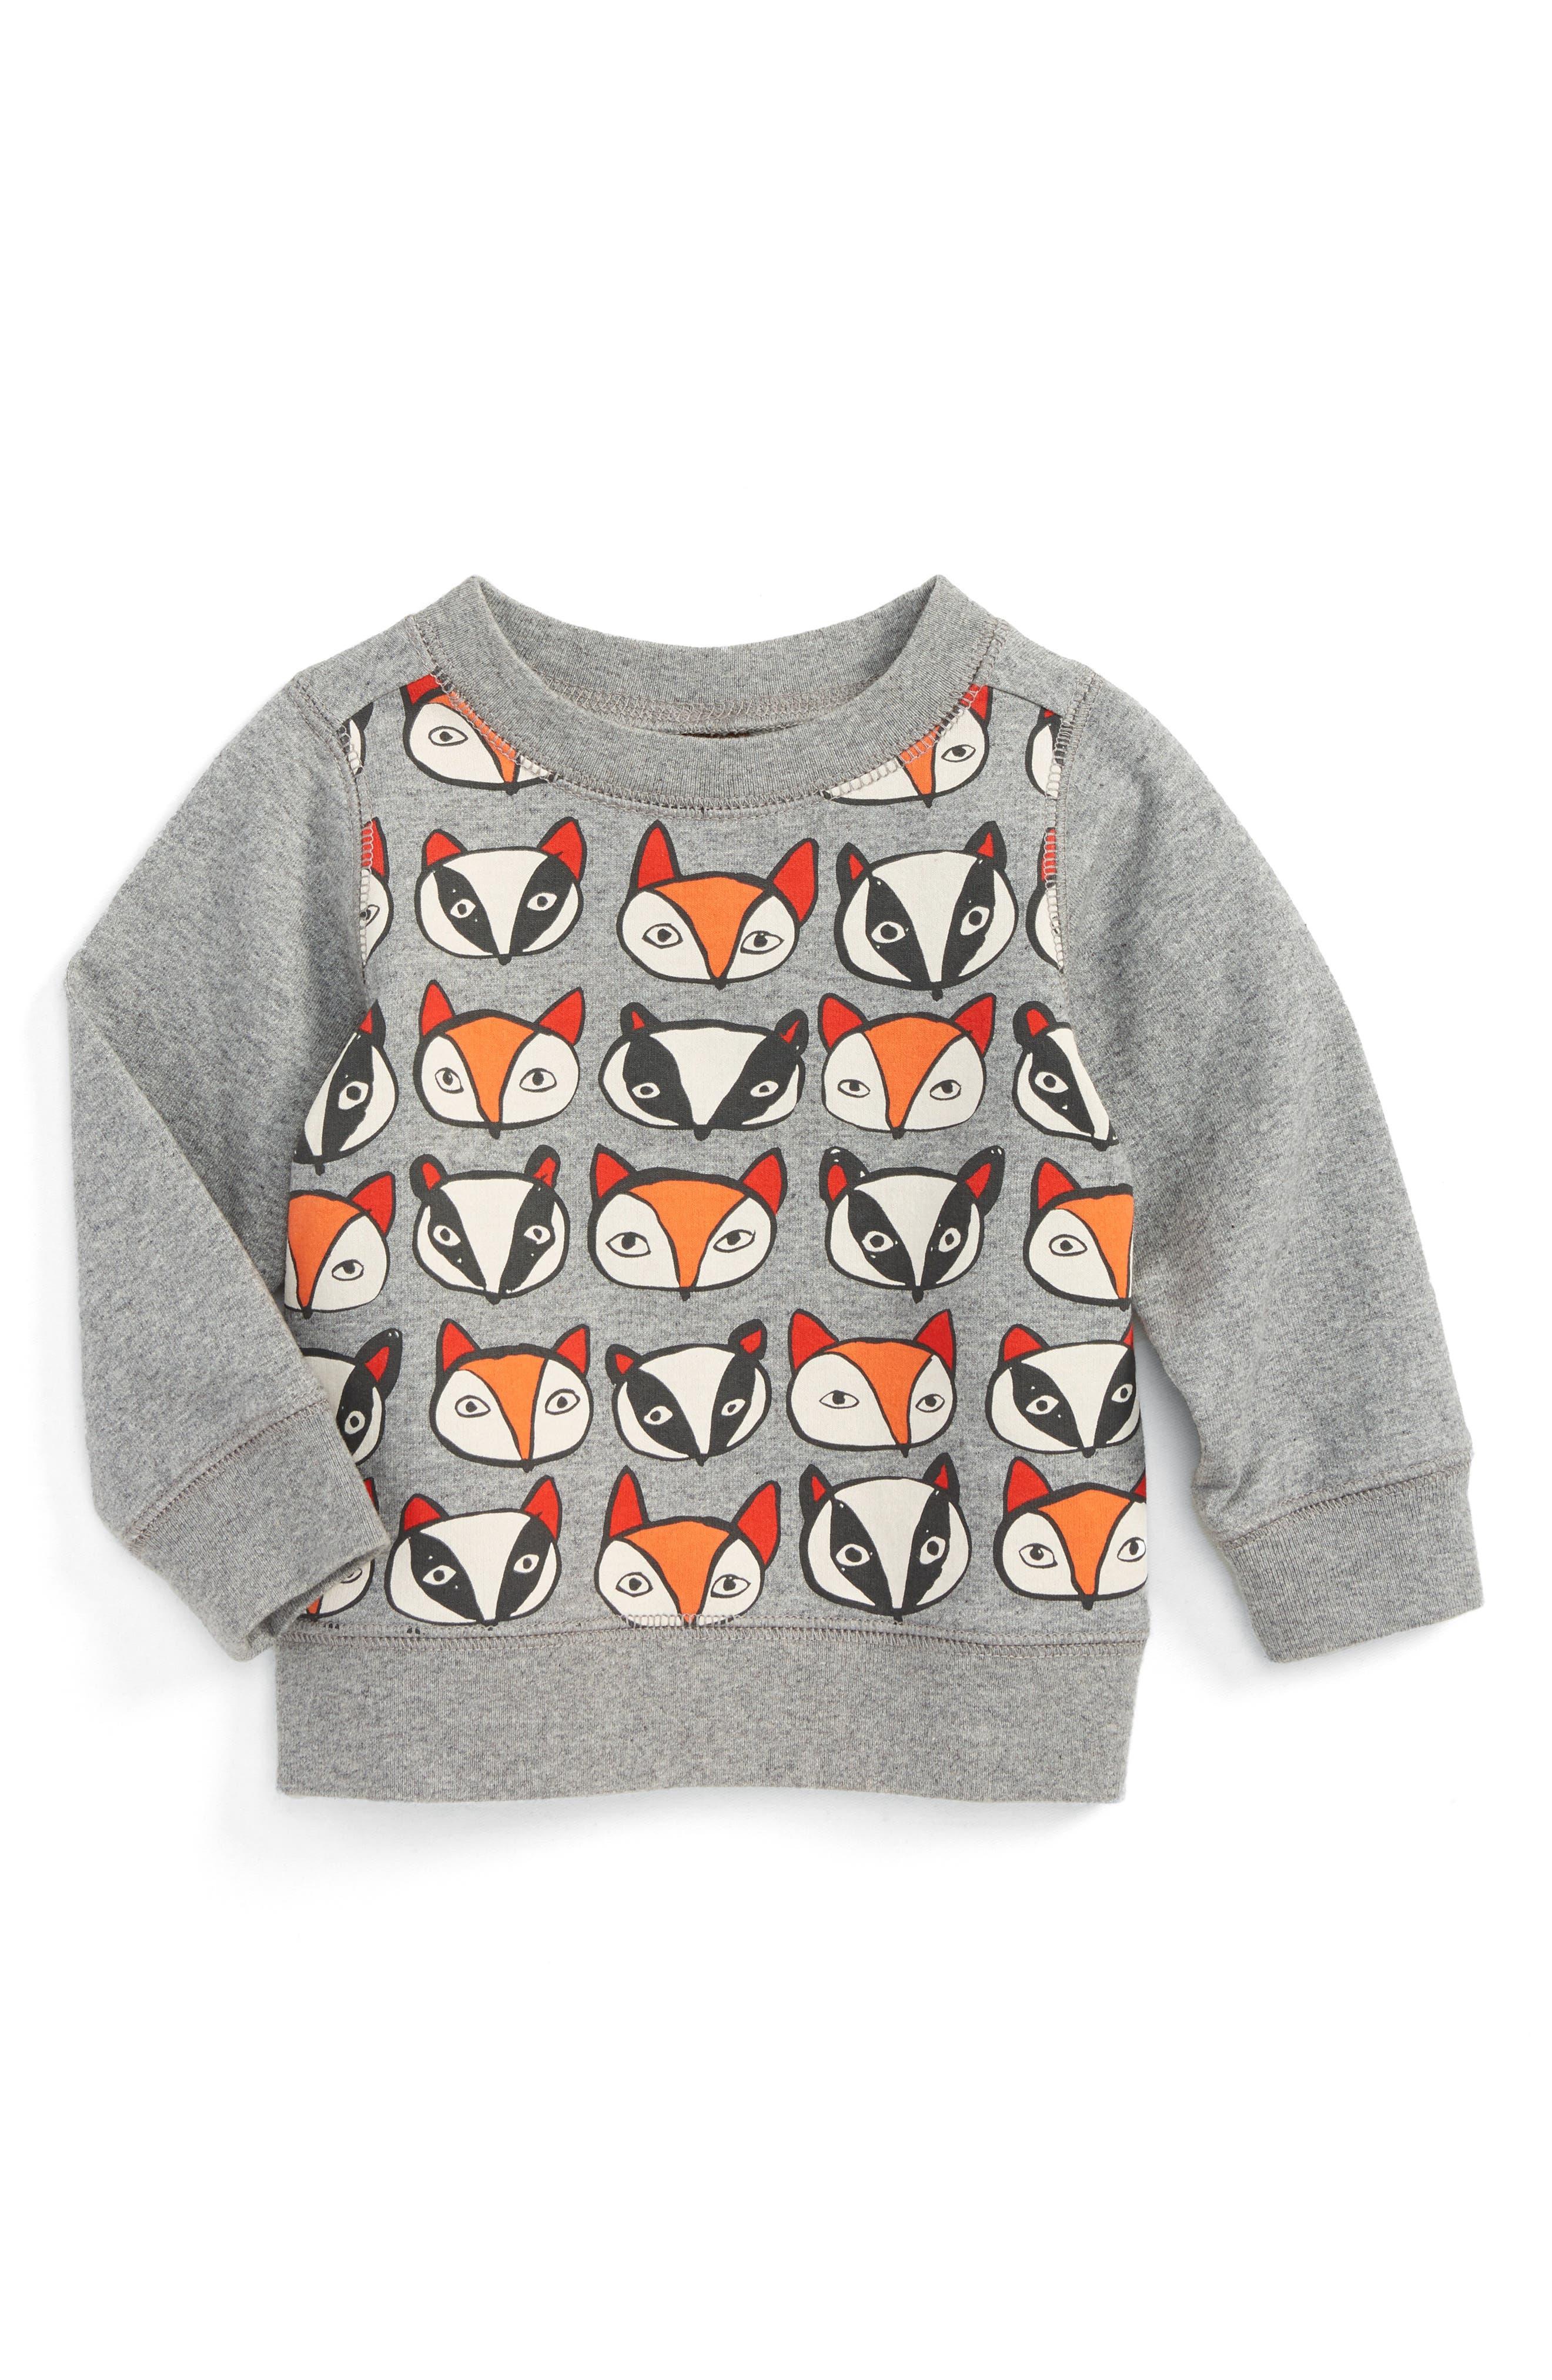 Fox & Badger Print Sweater,                         Main,                         color, 035